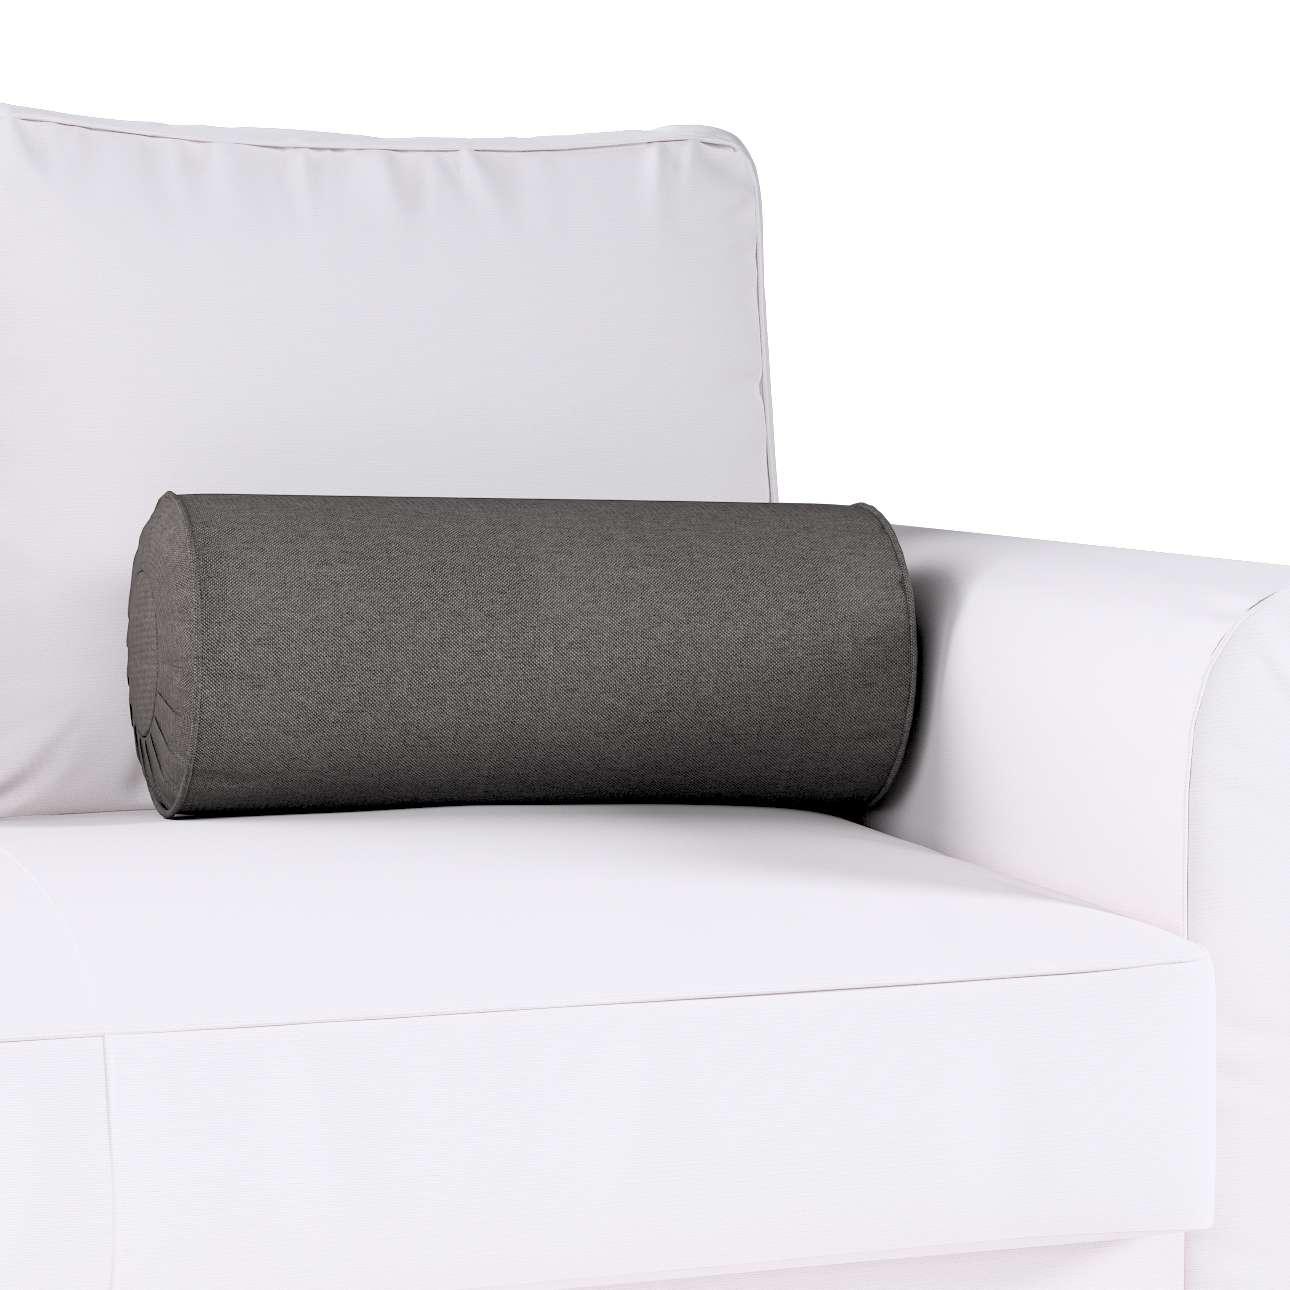 Nakkepute med folder fra kolleksjonen Etna - Ikke for gardiner, Stoffets bredde: 705-35